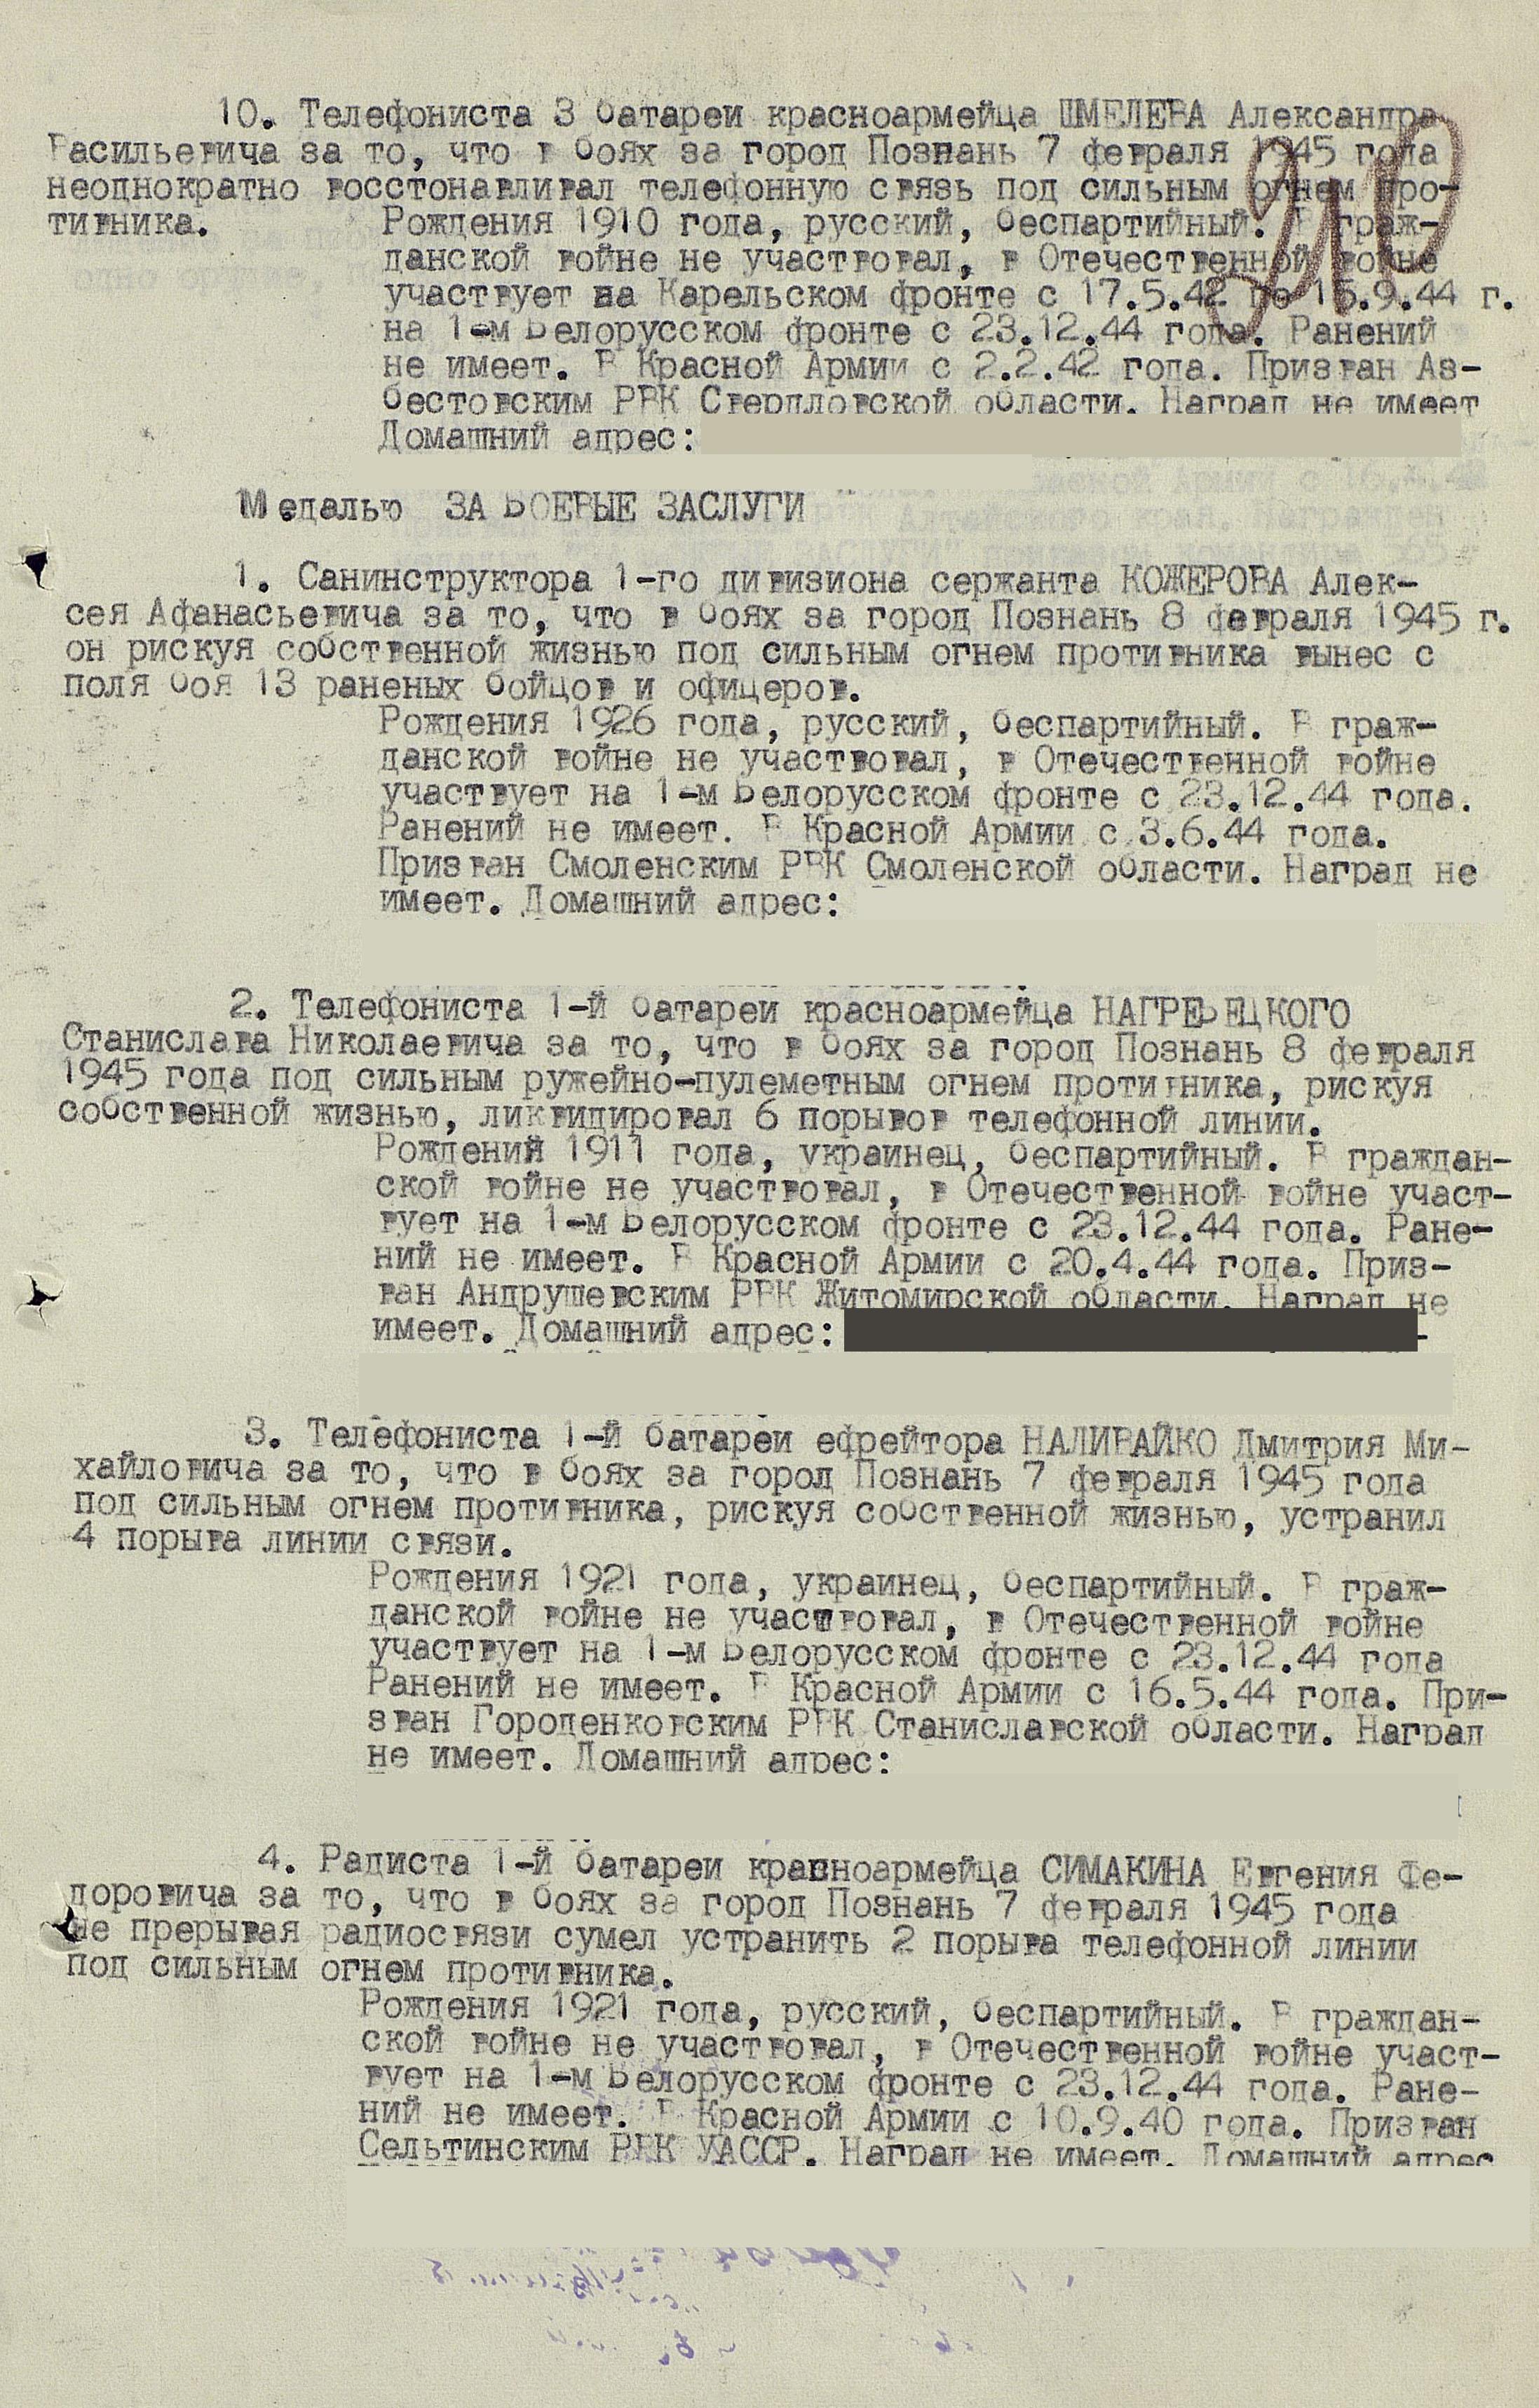 Из приказа о награждении Шмелева Александра Васильевича медалью за отвагу